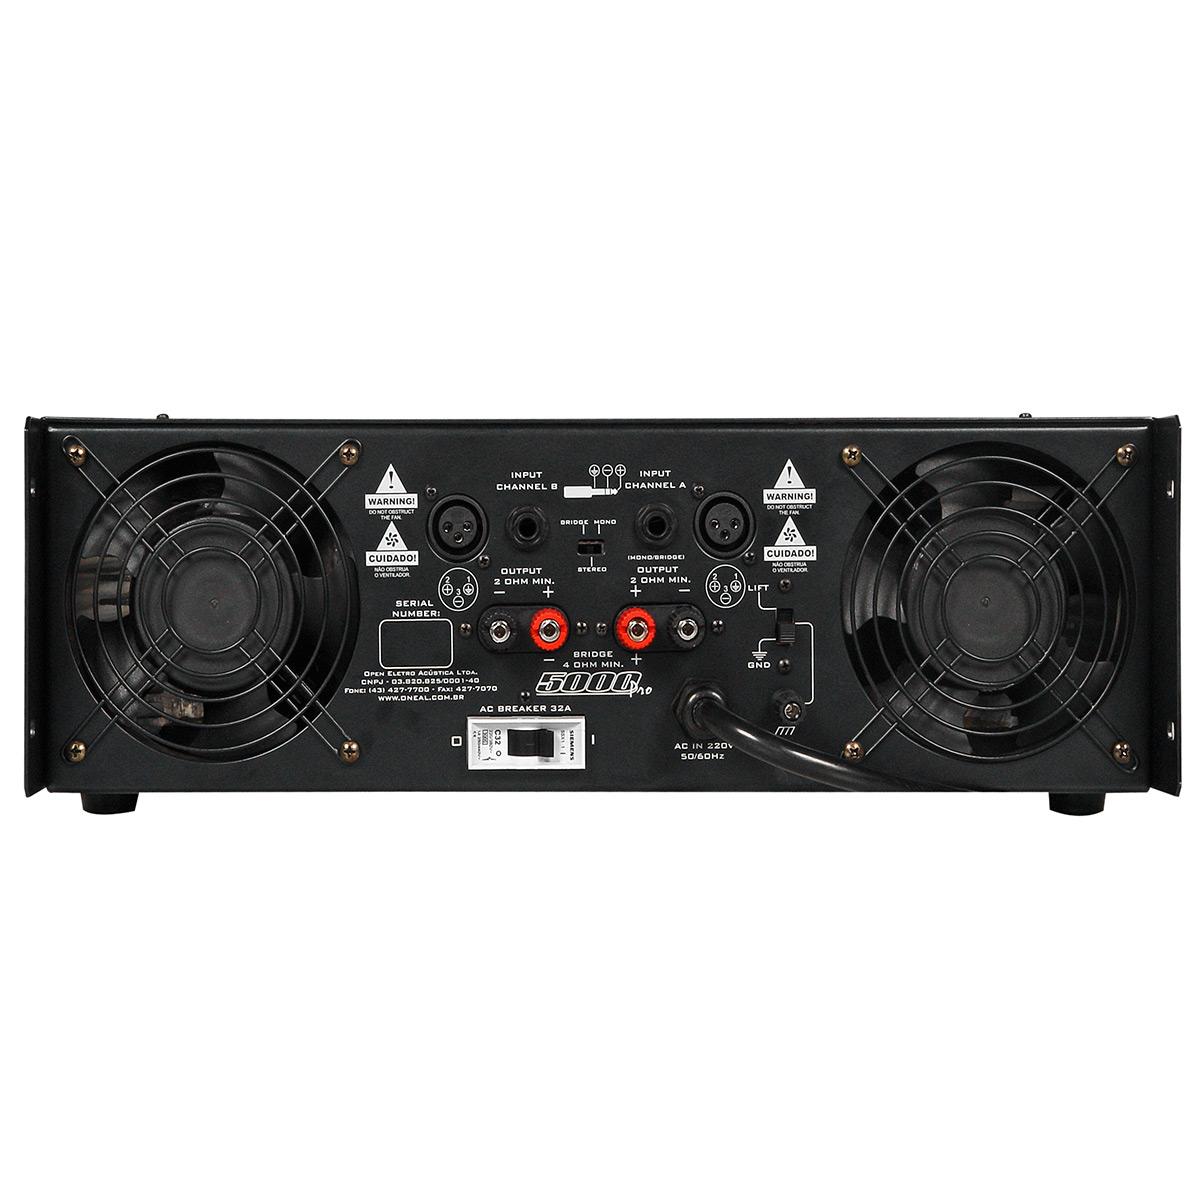 5000PRO - Amplificador Estéreo 2 Canais 5000W 5000 PRO - Oneal